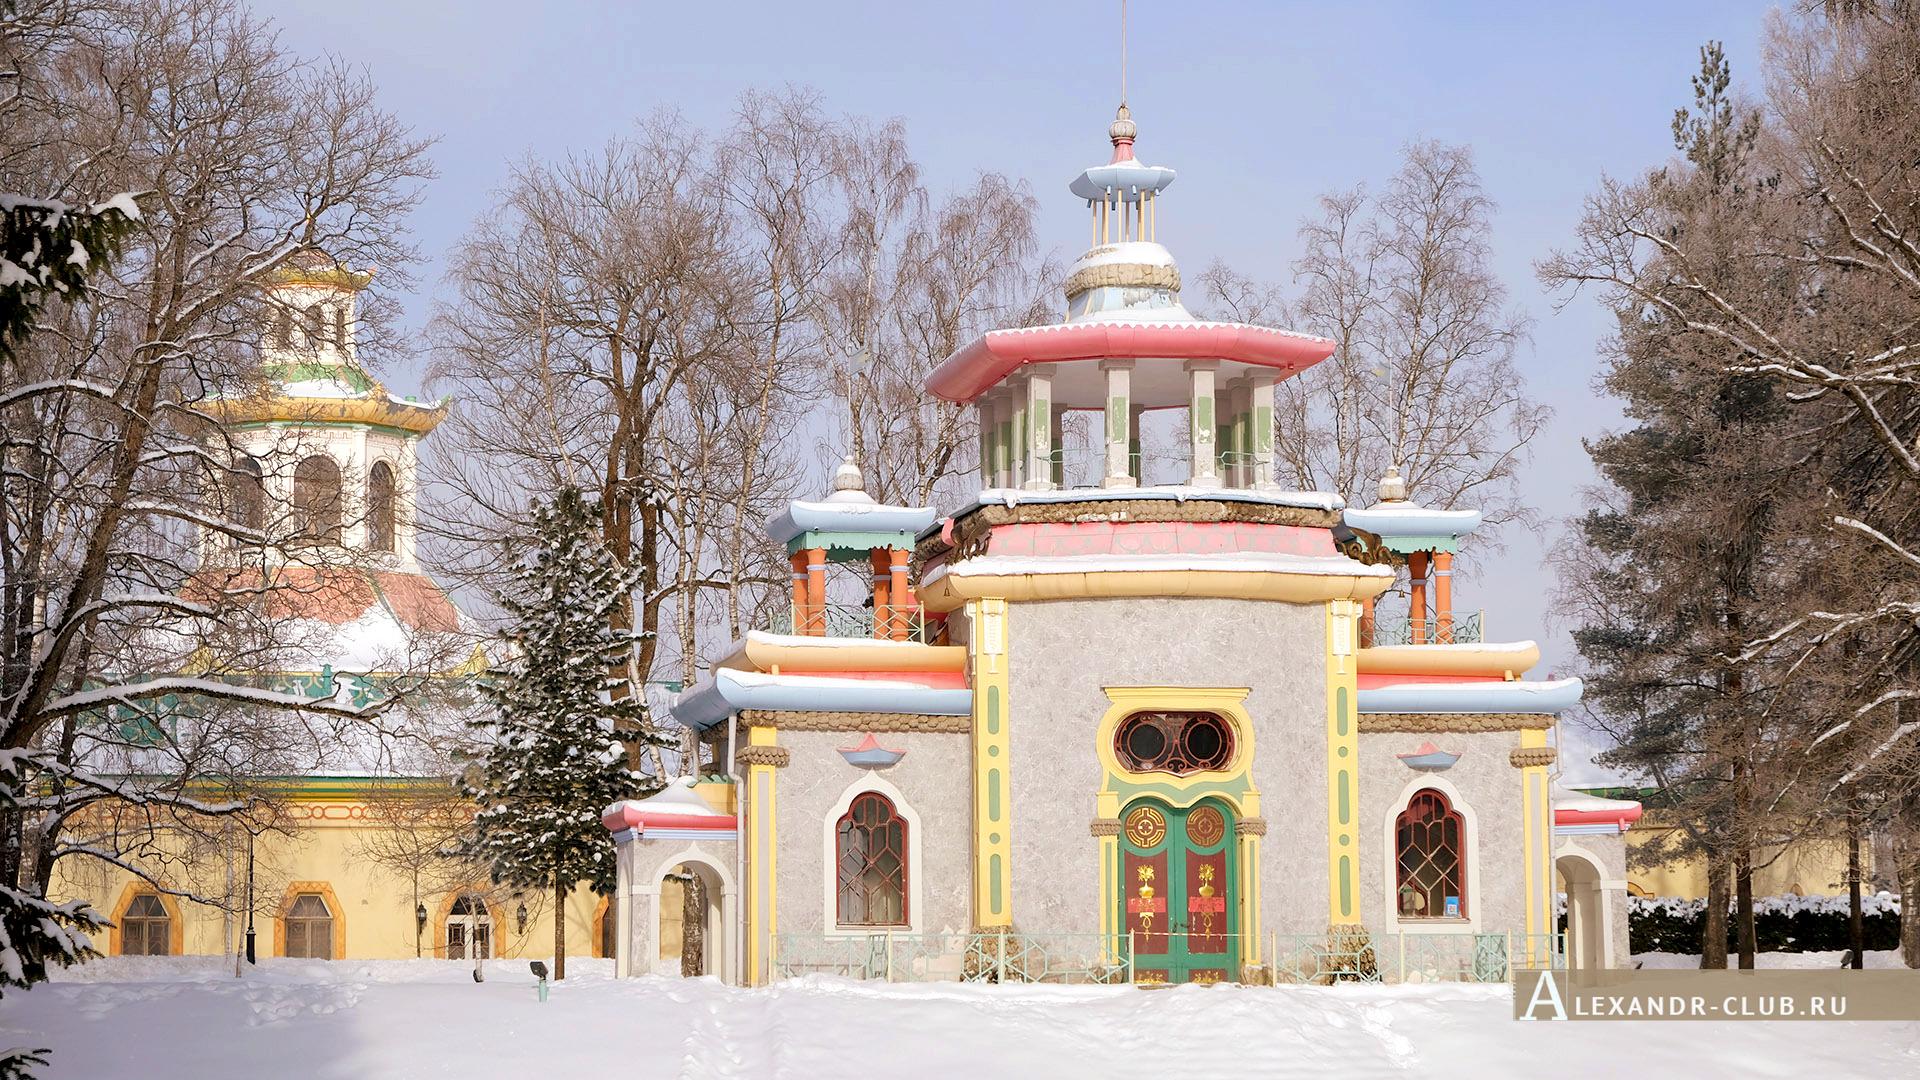 Царское Село, зима, Екатерининский парк, павильон «Скрипучая беседка» – 2